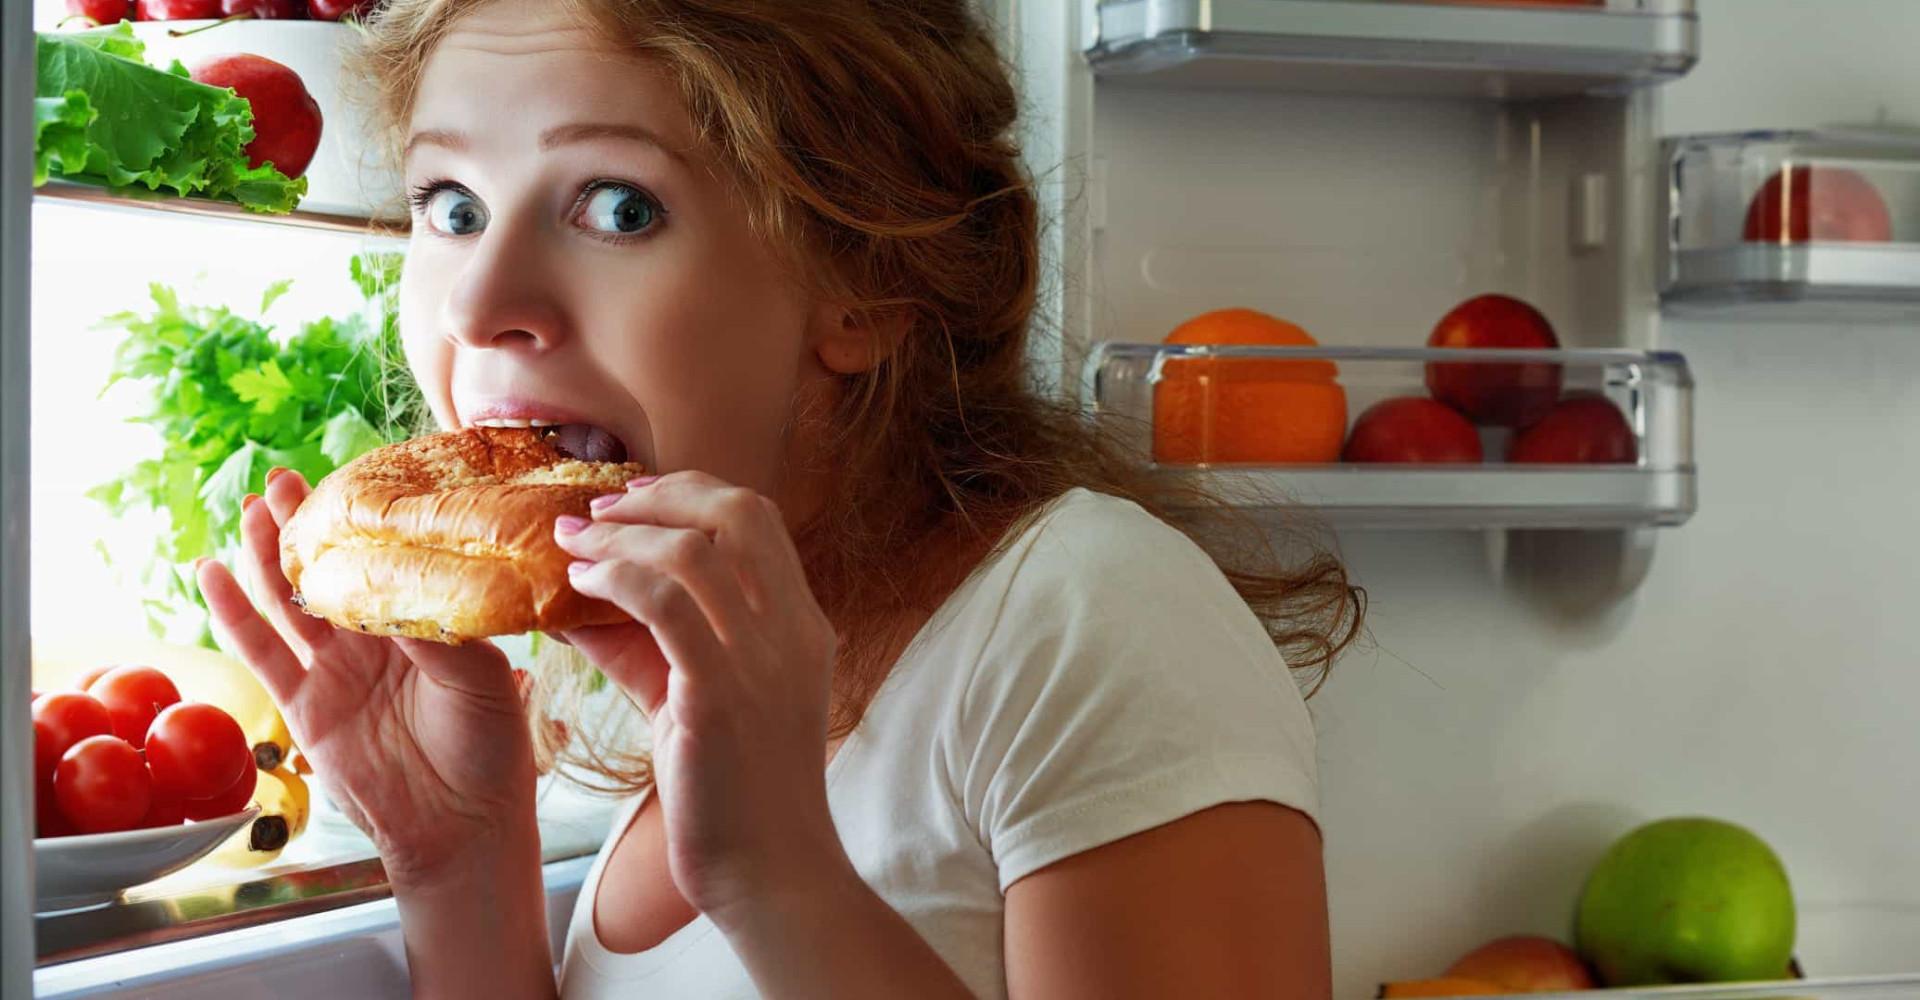 Hai sempre fame? Questi alimenti dietetici ti sazieranno!